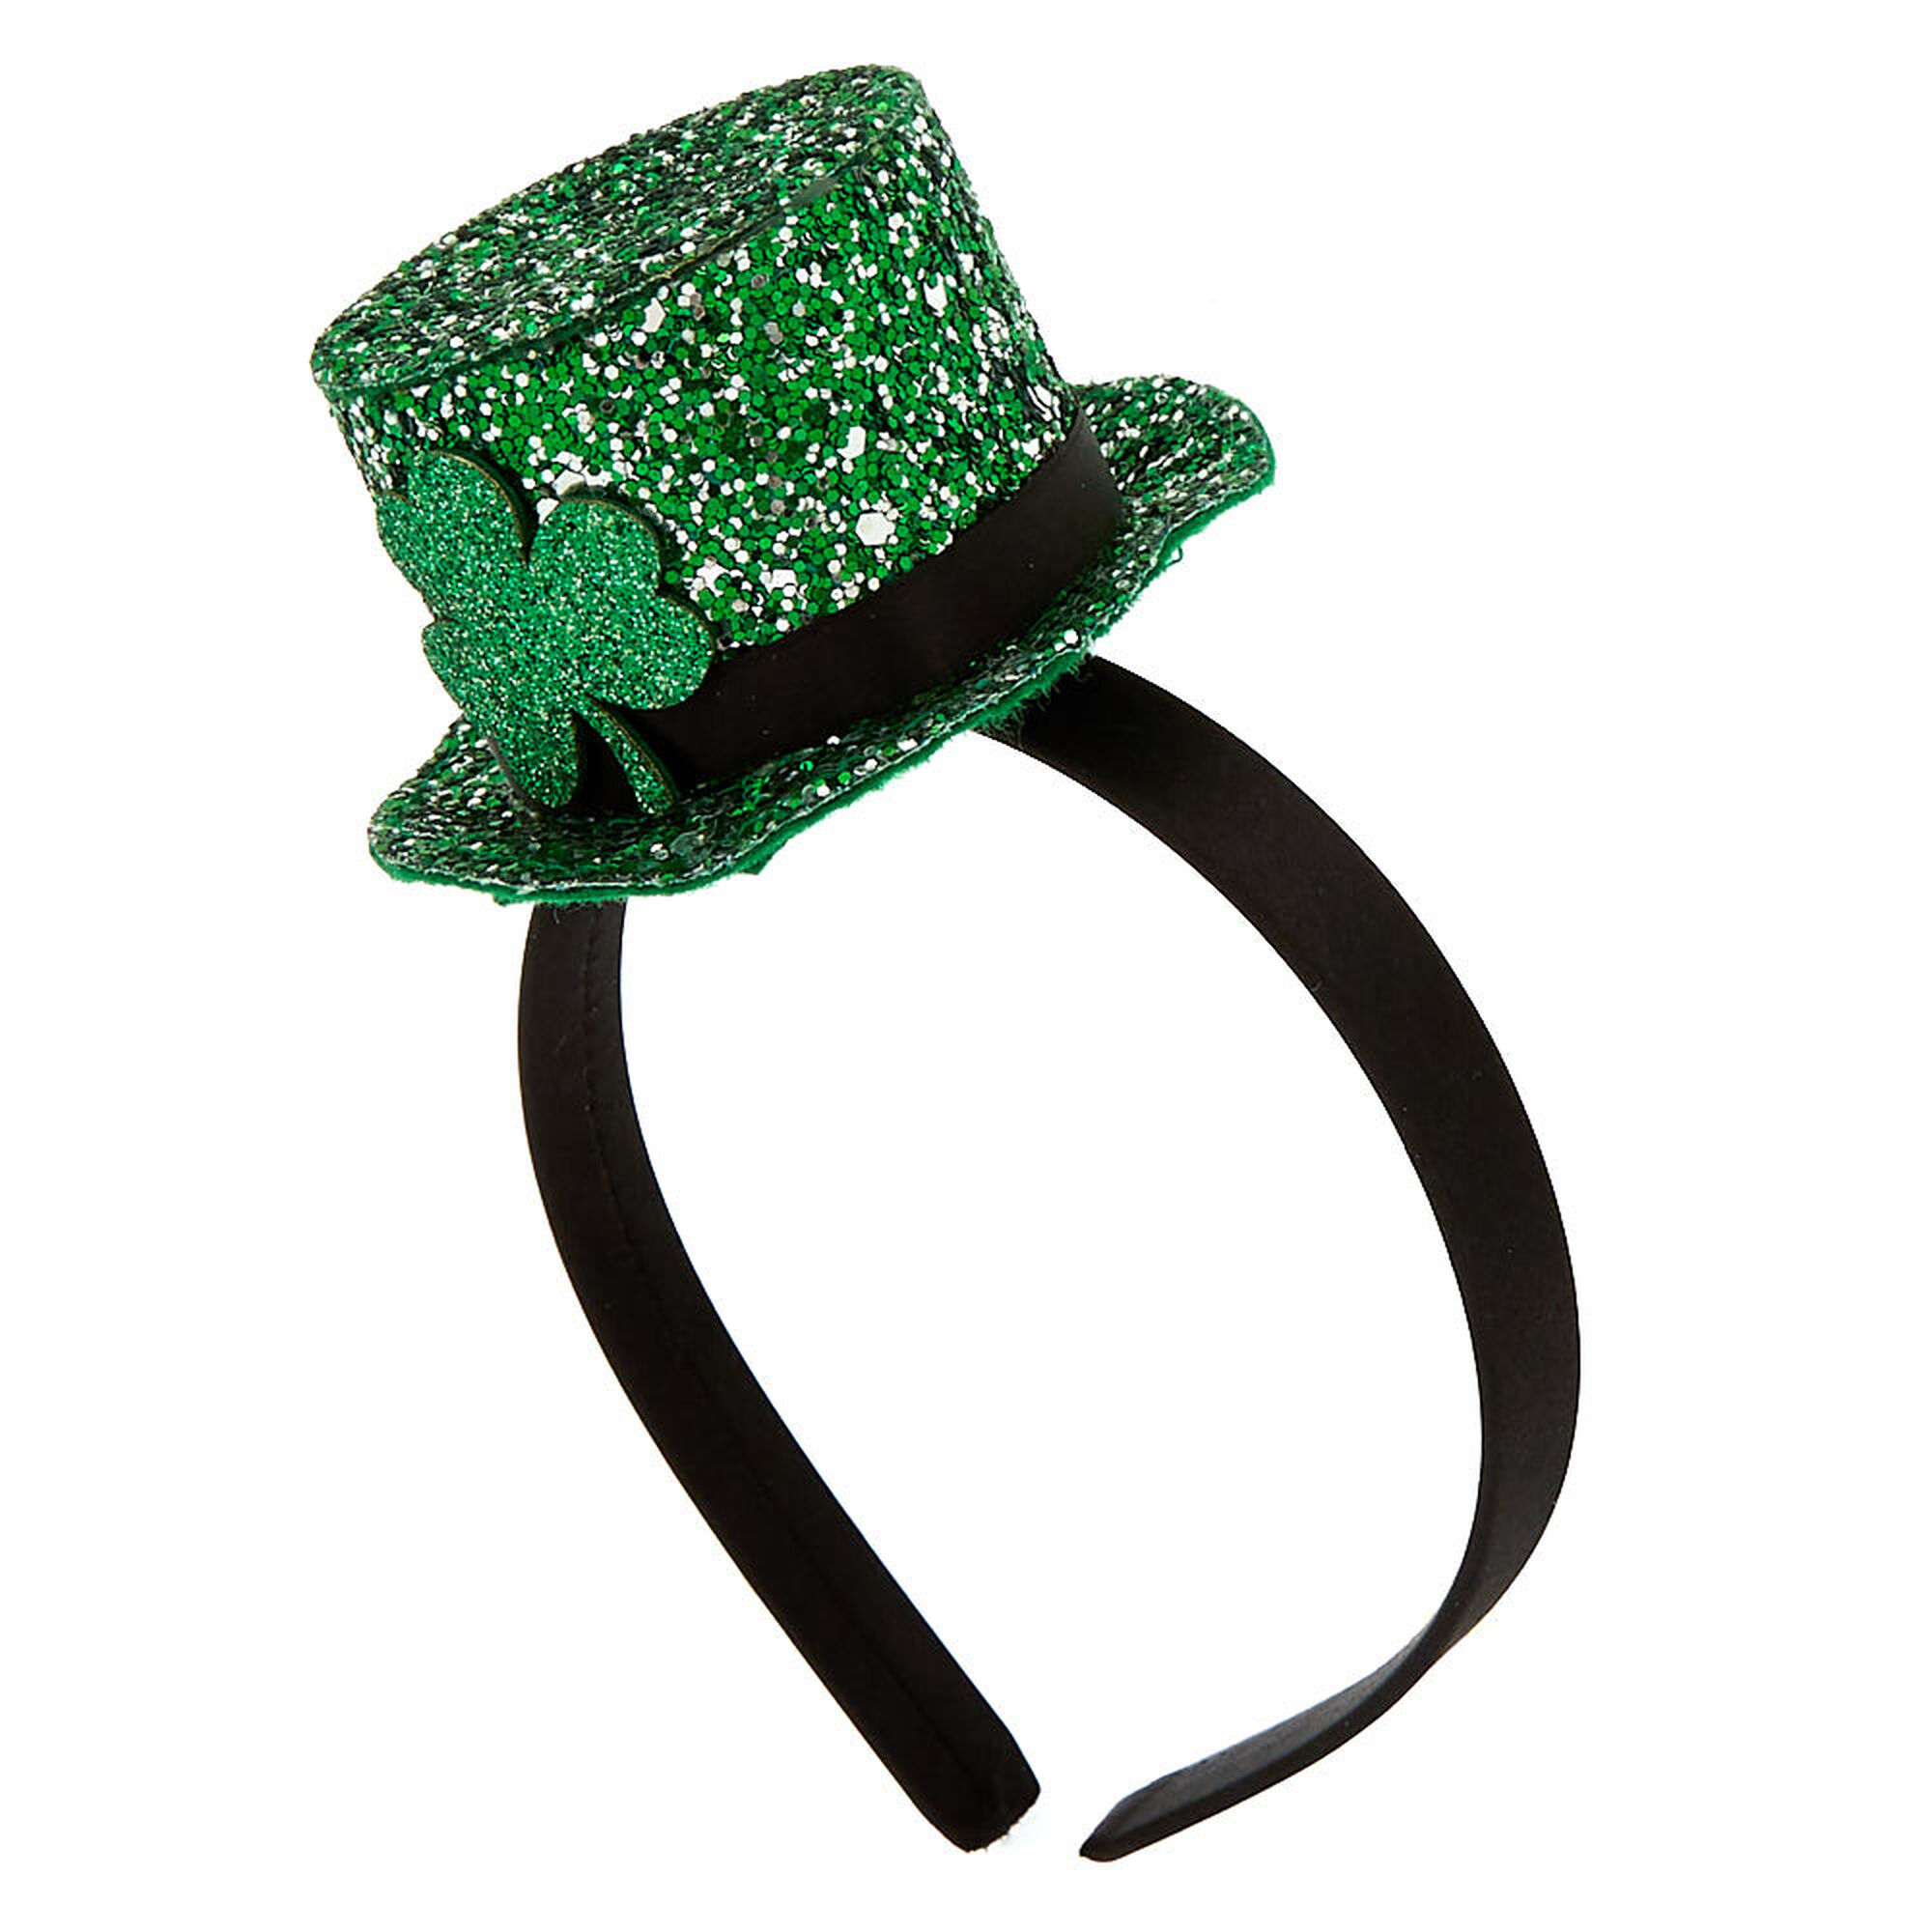 Glitter Irish Hat Headband - Green  ae51cab6f73